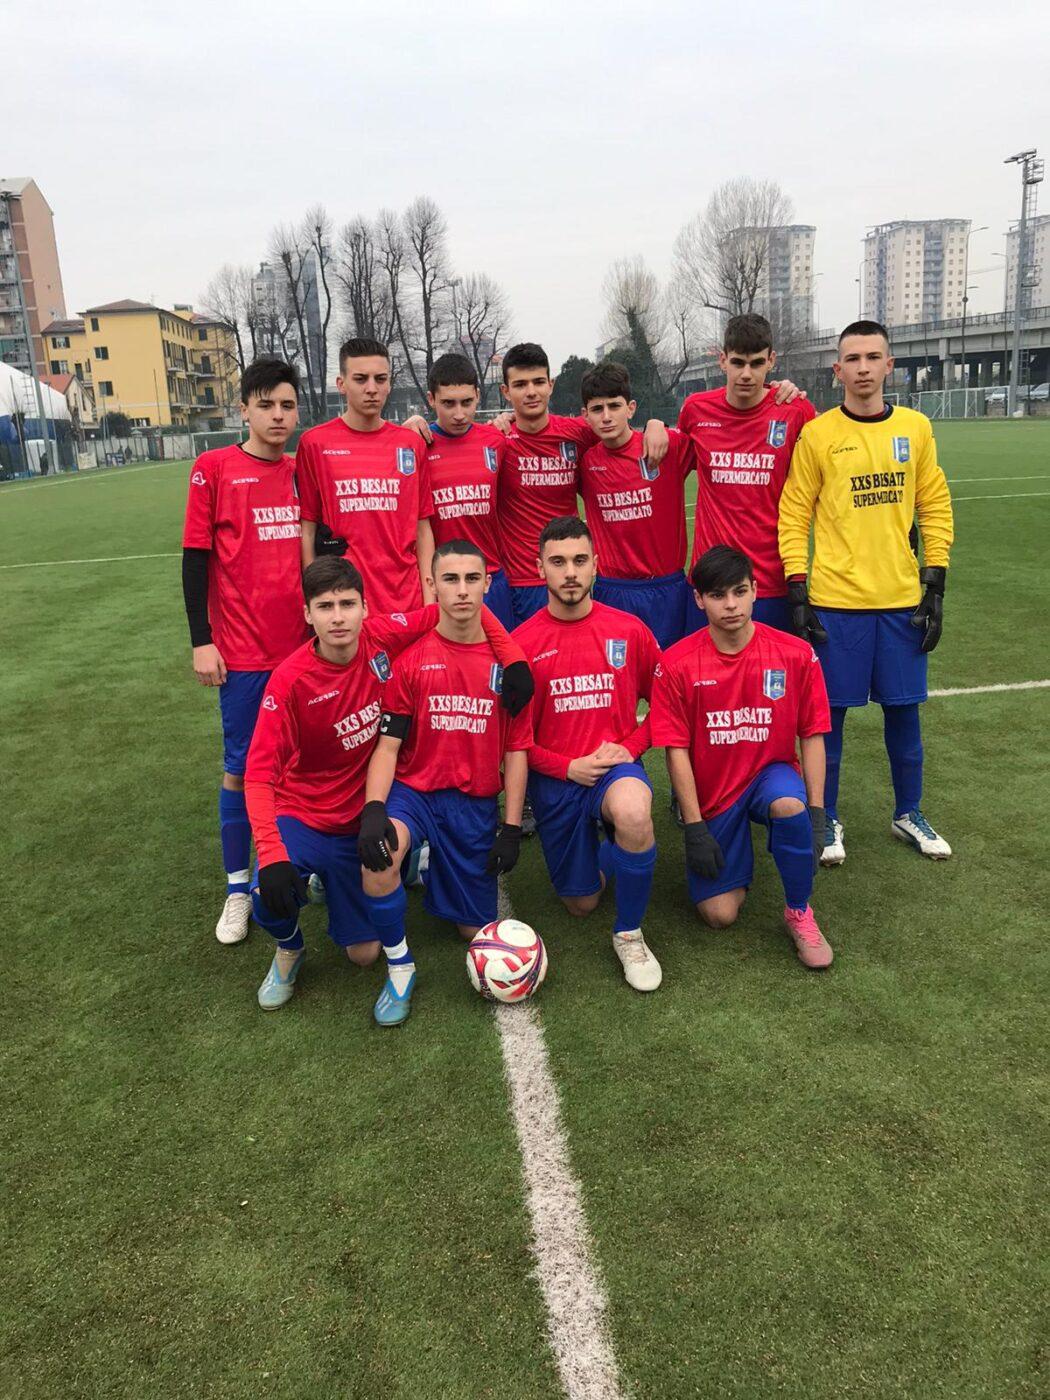 Iris - Casorate Primo Under 17 Milano: Casorate Primo